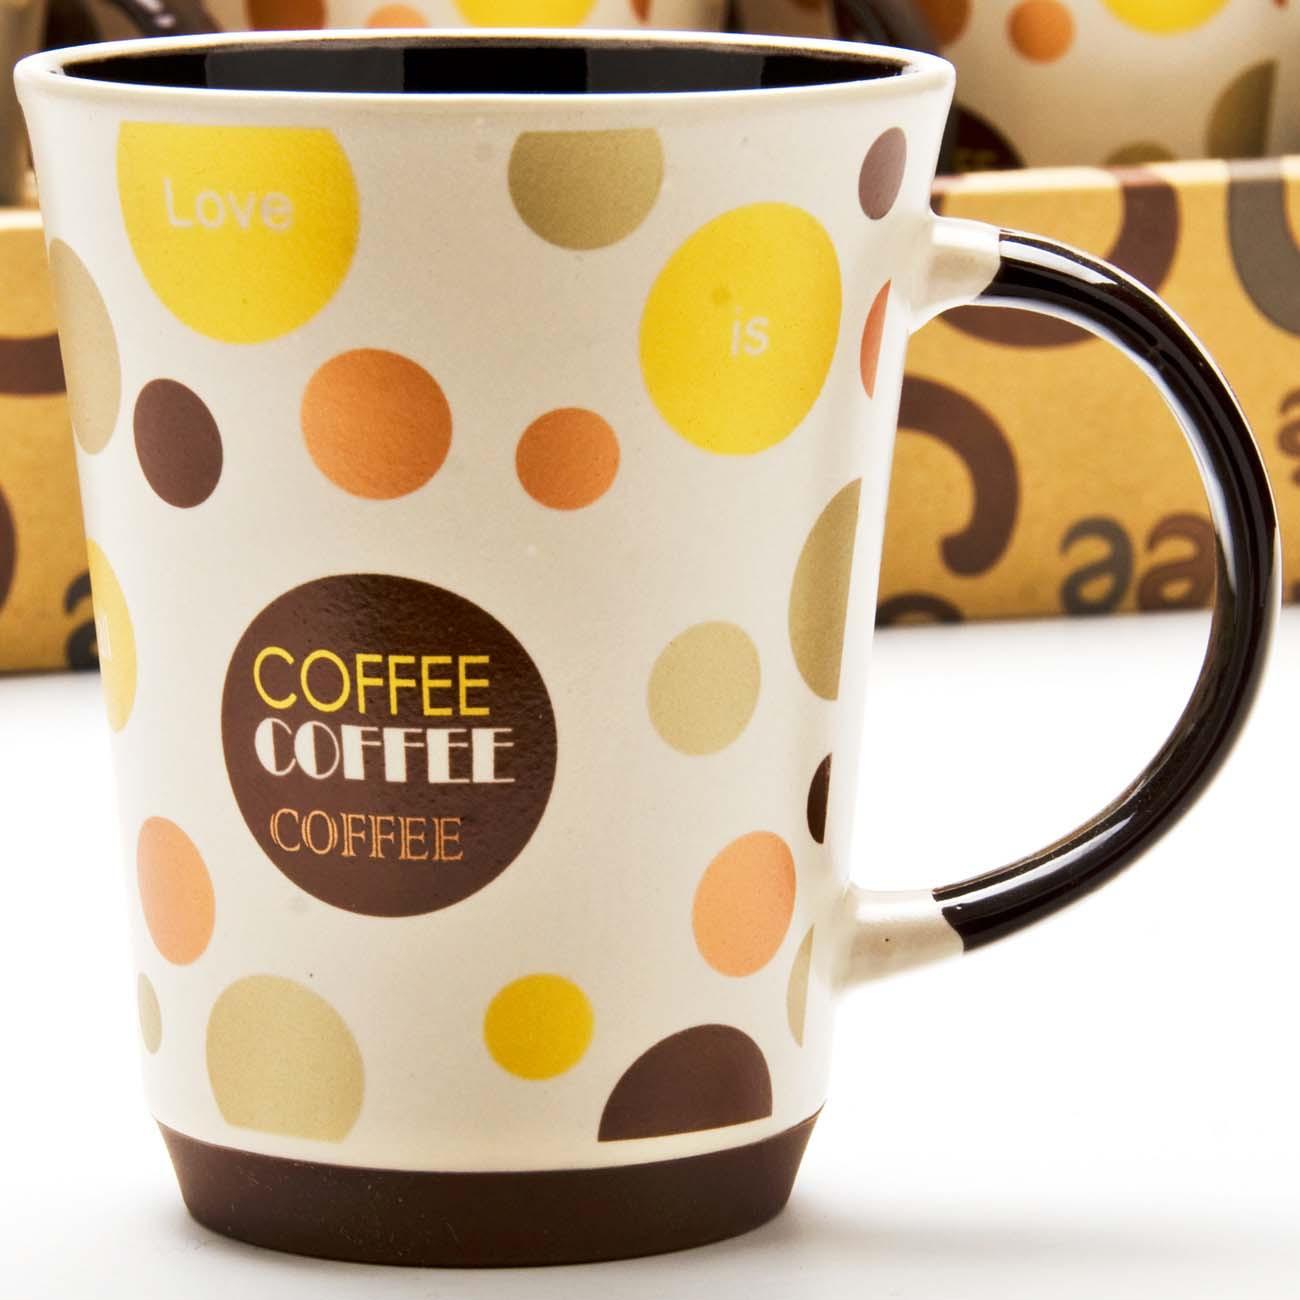 """Кружка с силиконовой подставкой изготовлена из высококачественной керамики и оформлена стильным рисунком """"Кофе"""". Изящный дизайн придется по вкусу и ценителям классики, и тем, кто предпочитает утонченность и изысканность. Кружка настроит на позитивный лад и подарит хорошее настроение с самого утра. Кружка с силиконовой подставкой - идеальный и необходимый подарок для вашего дома и для ваших друзей в праздники."""